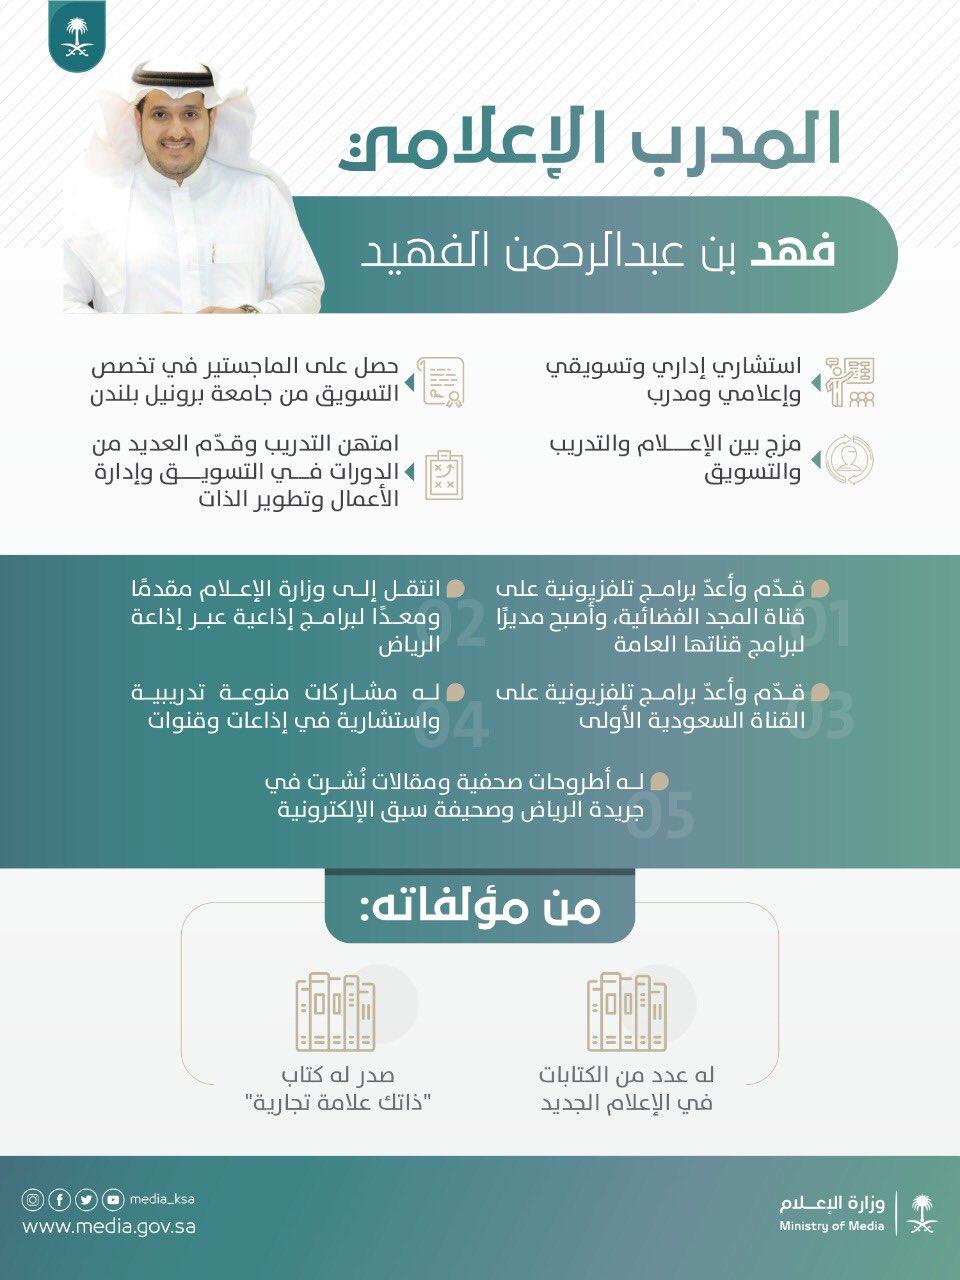 وزارة الإعلام تنعي الإعلامي فهد الفهيد